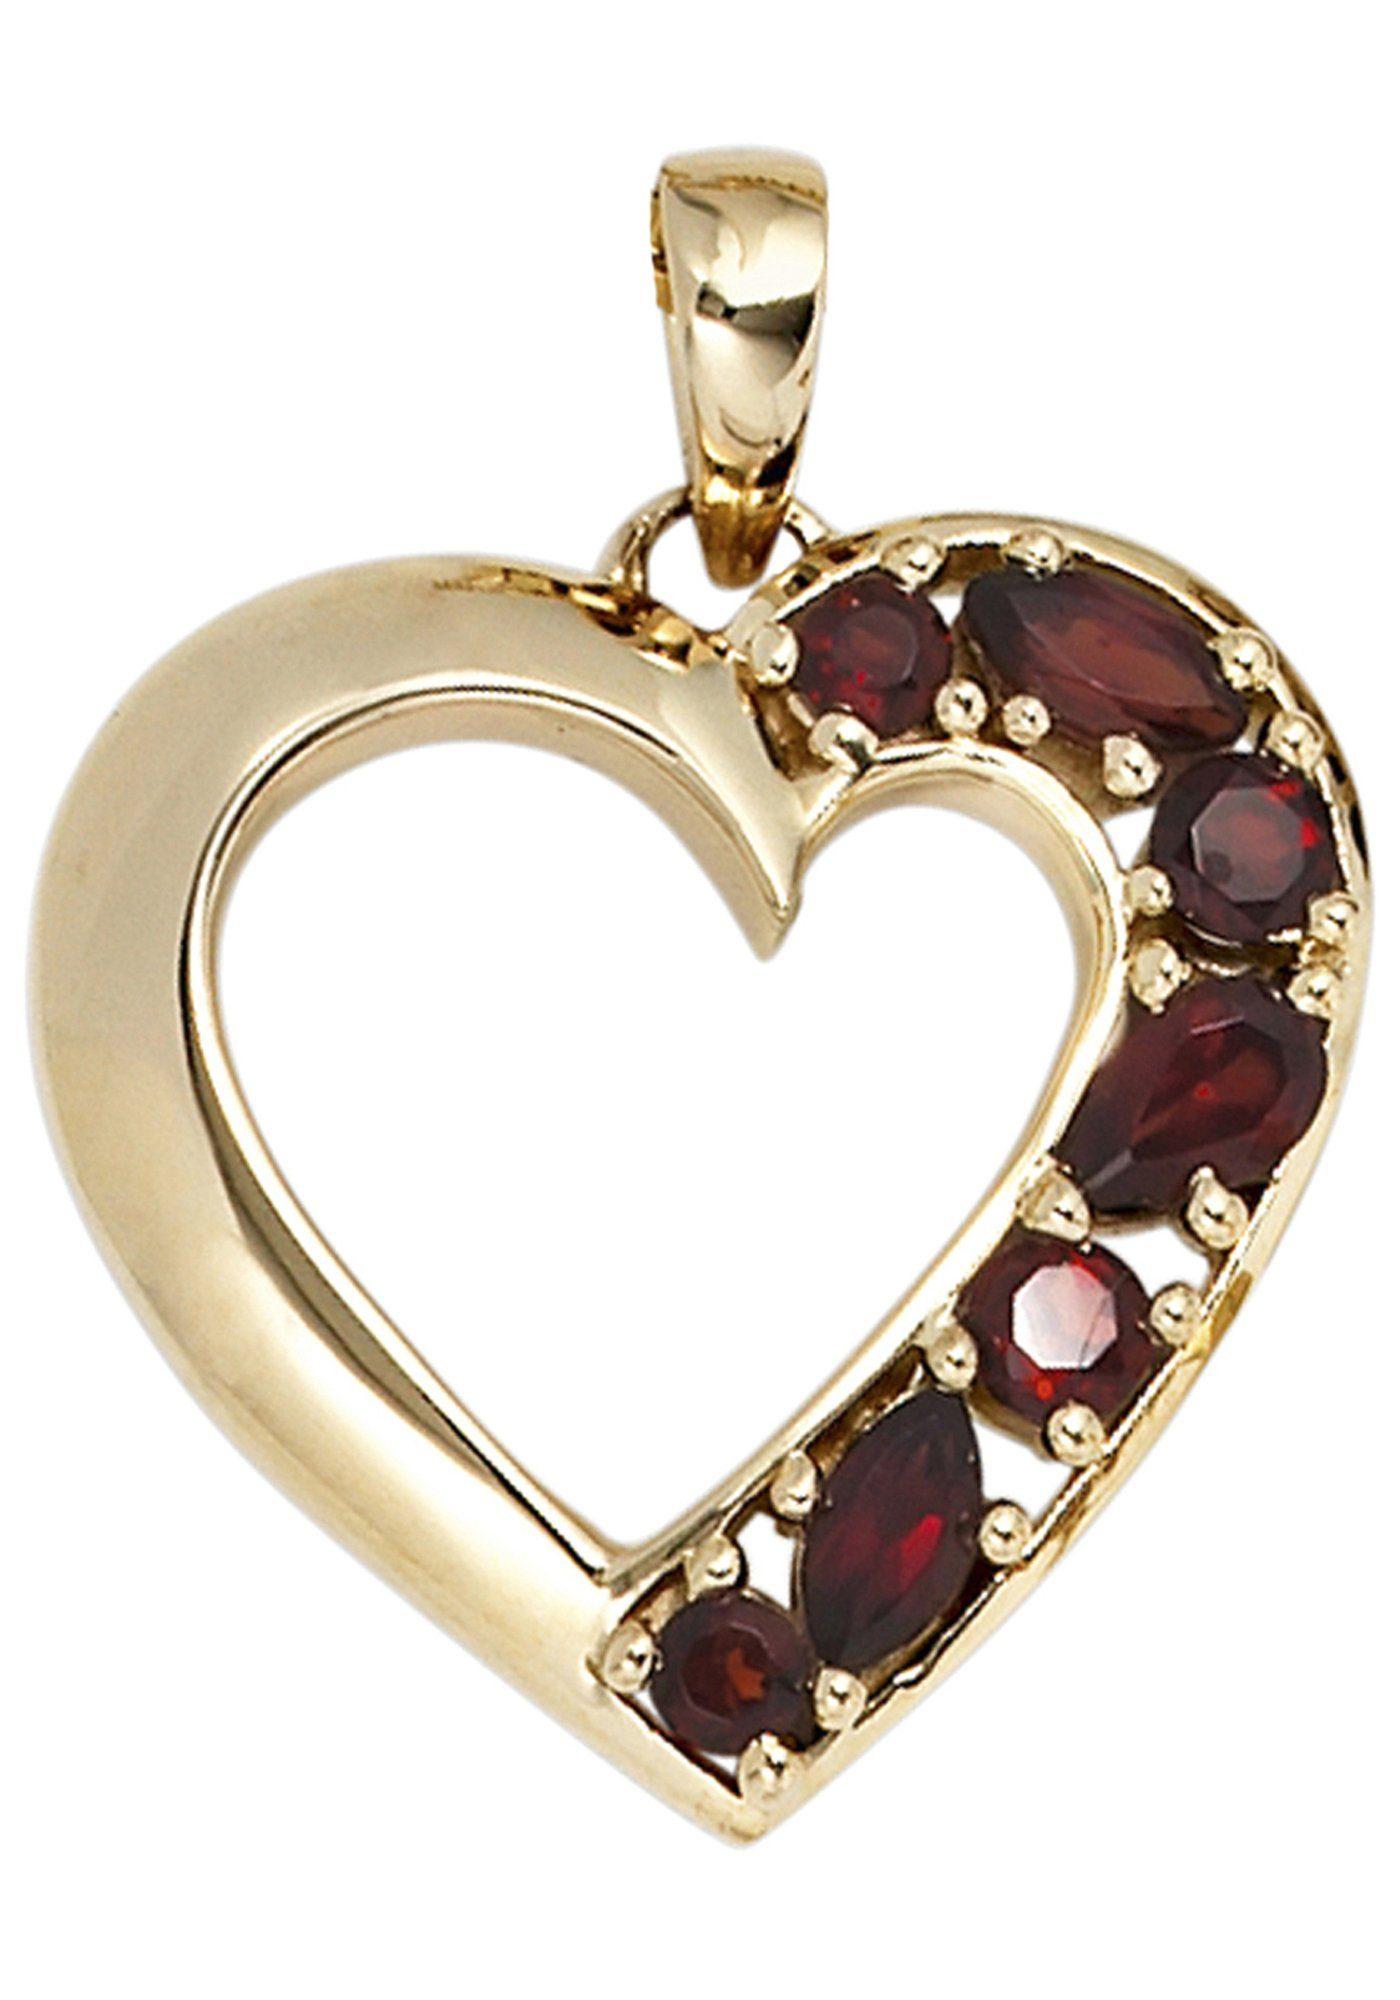 JOBO Herzanhänger »Herz« 585 Gold mit 7 Granaten